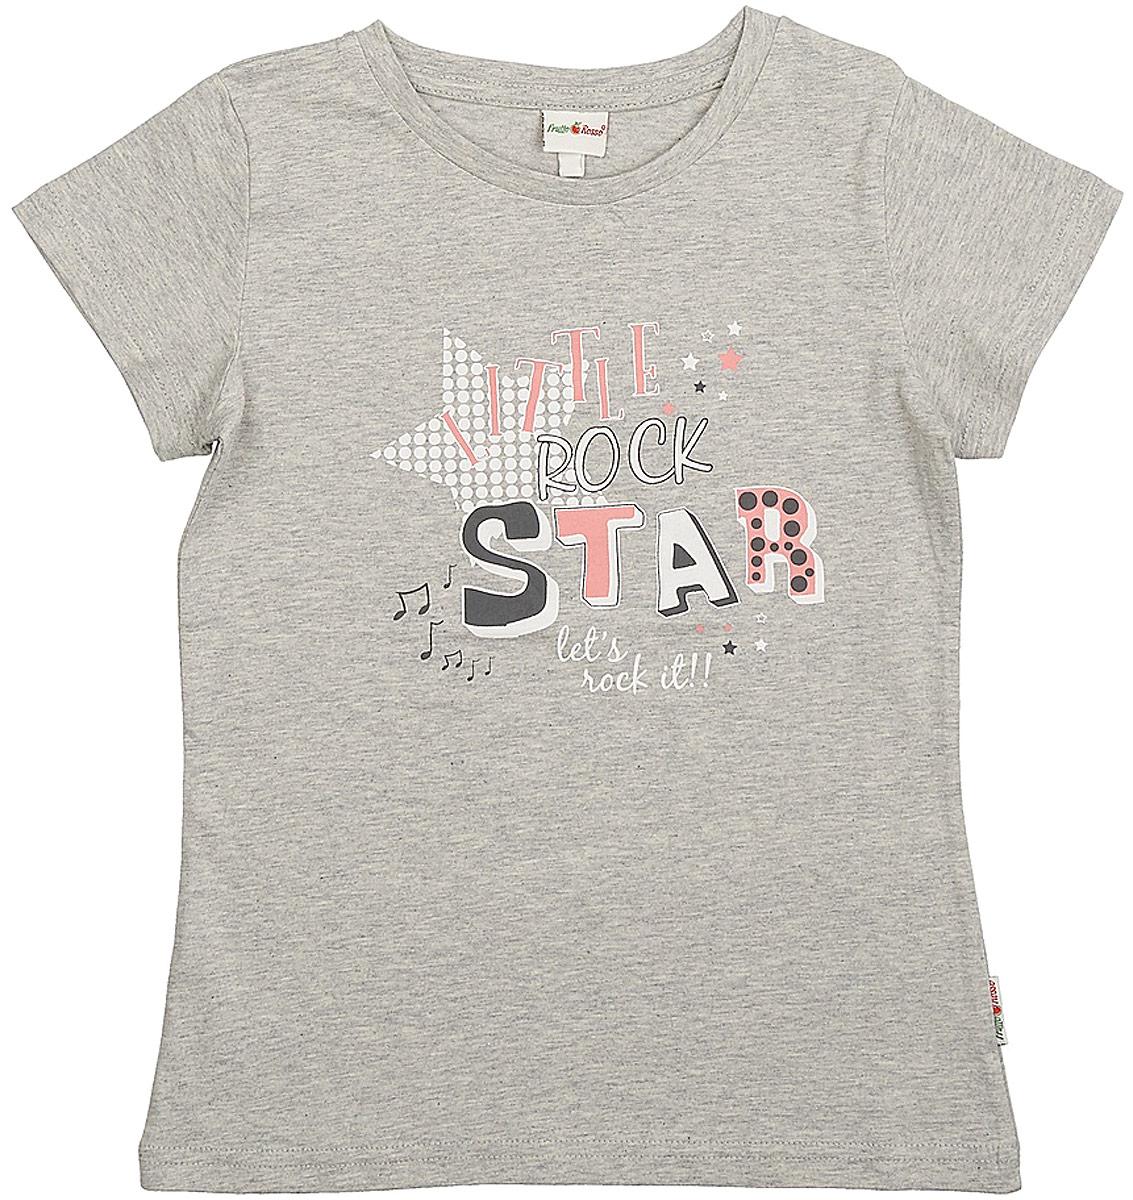 Футболка для девочки Frutto Rosso, цвет: светло-серый меланж. FRG72156 . Размер 152 куртка утепленная sela sela se001ewurp14